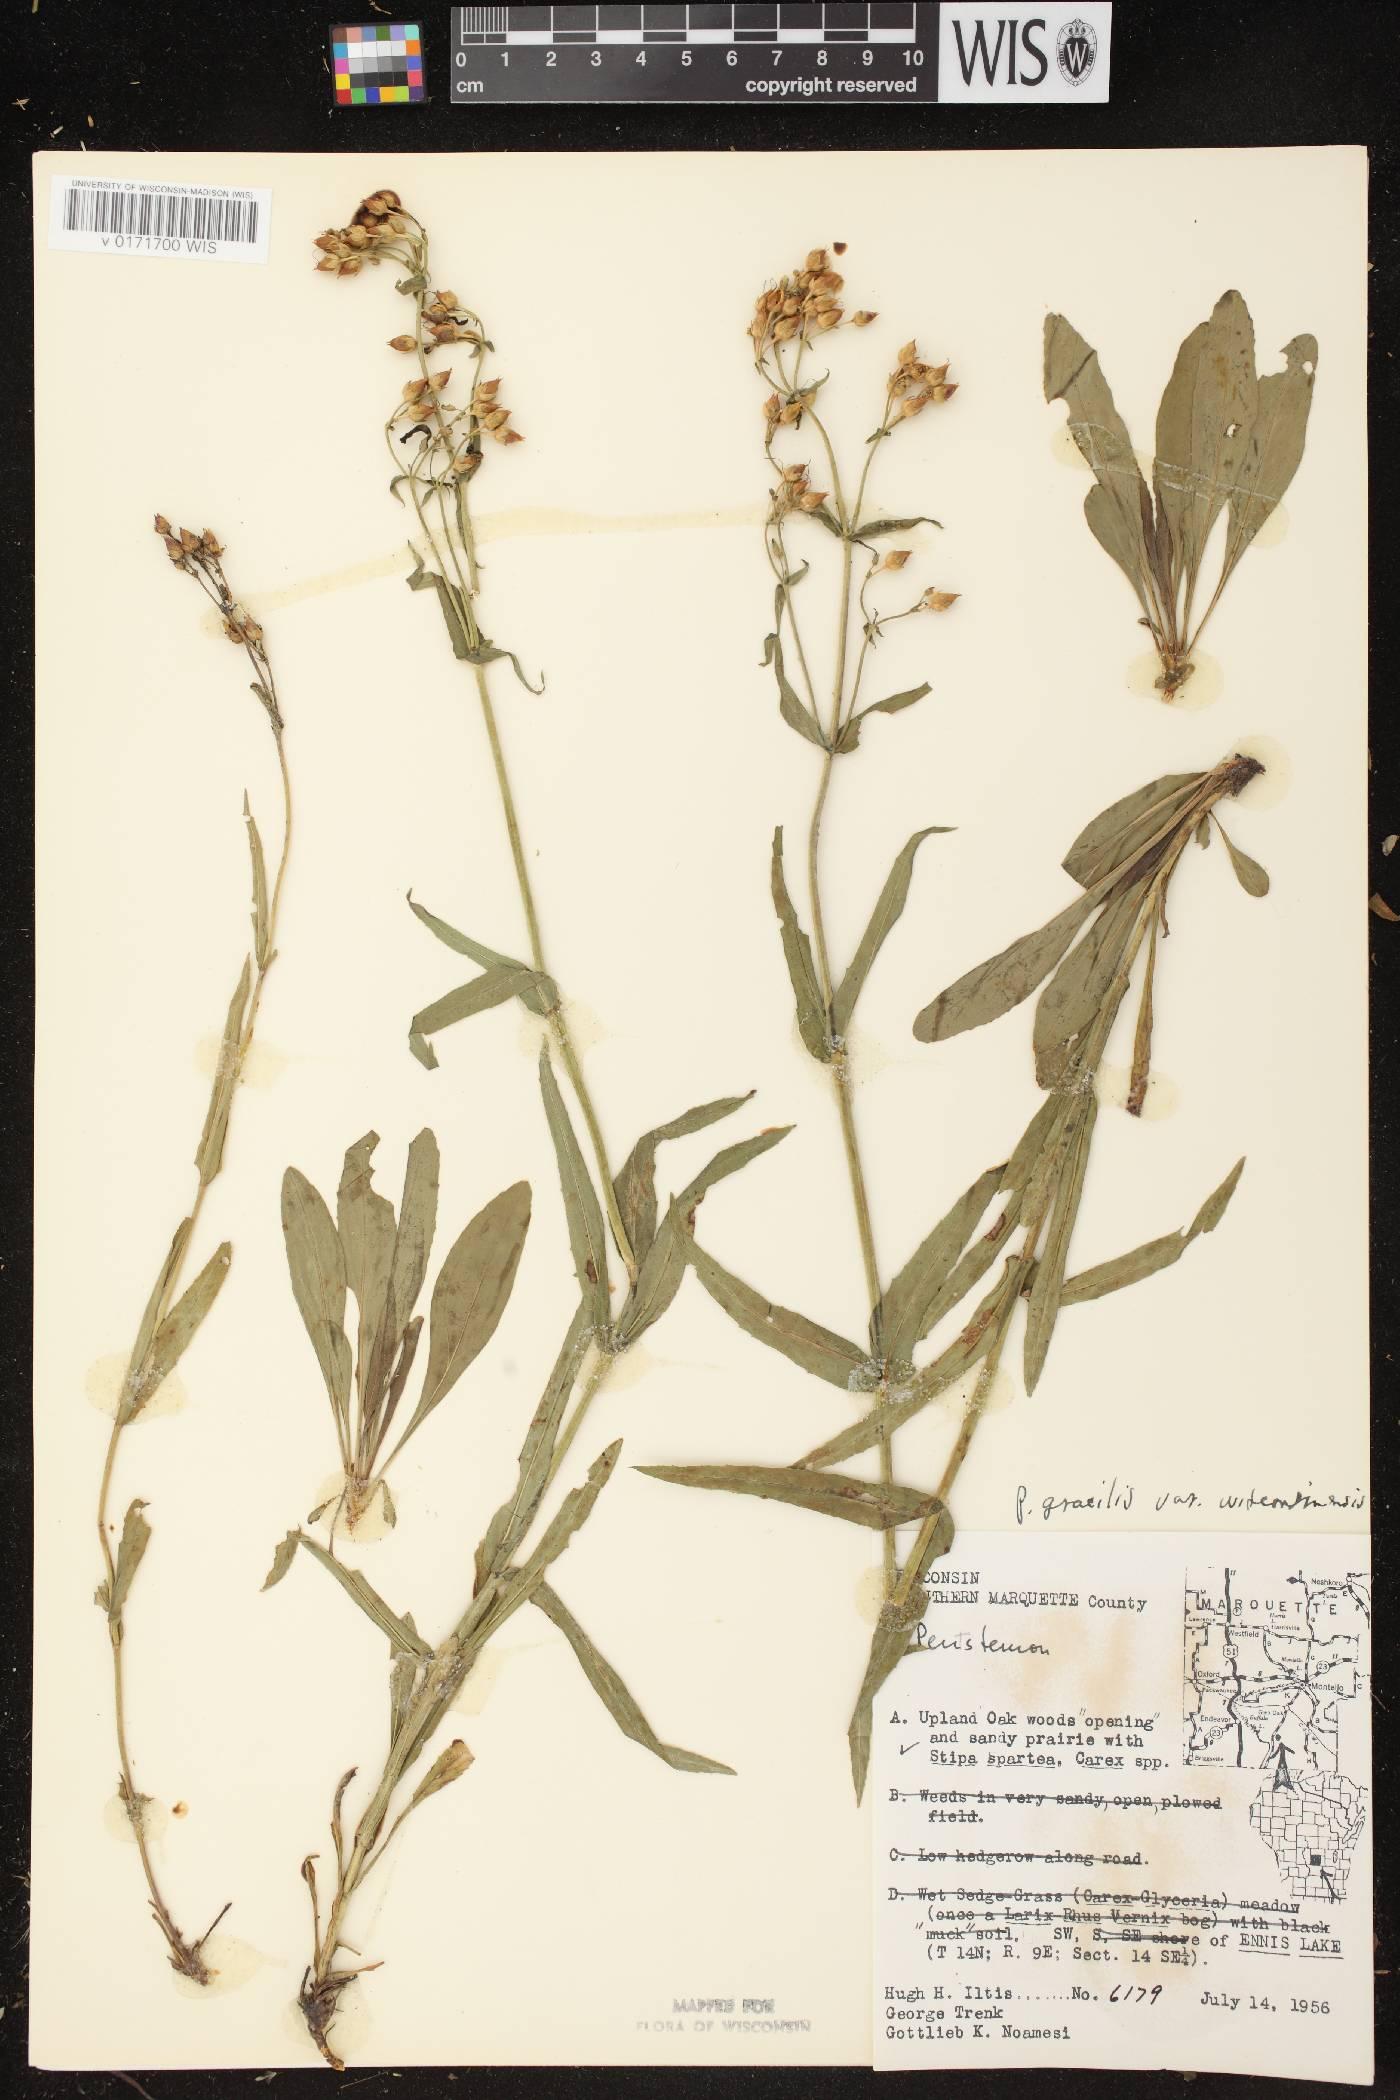 Penstemon gracilis subsp. wisconsinensis image